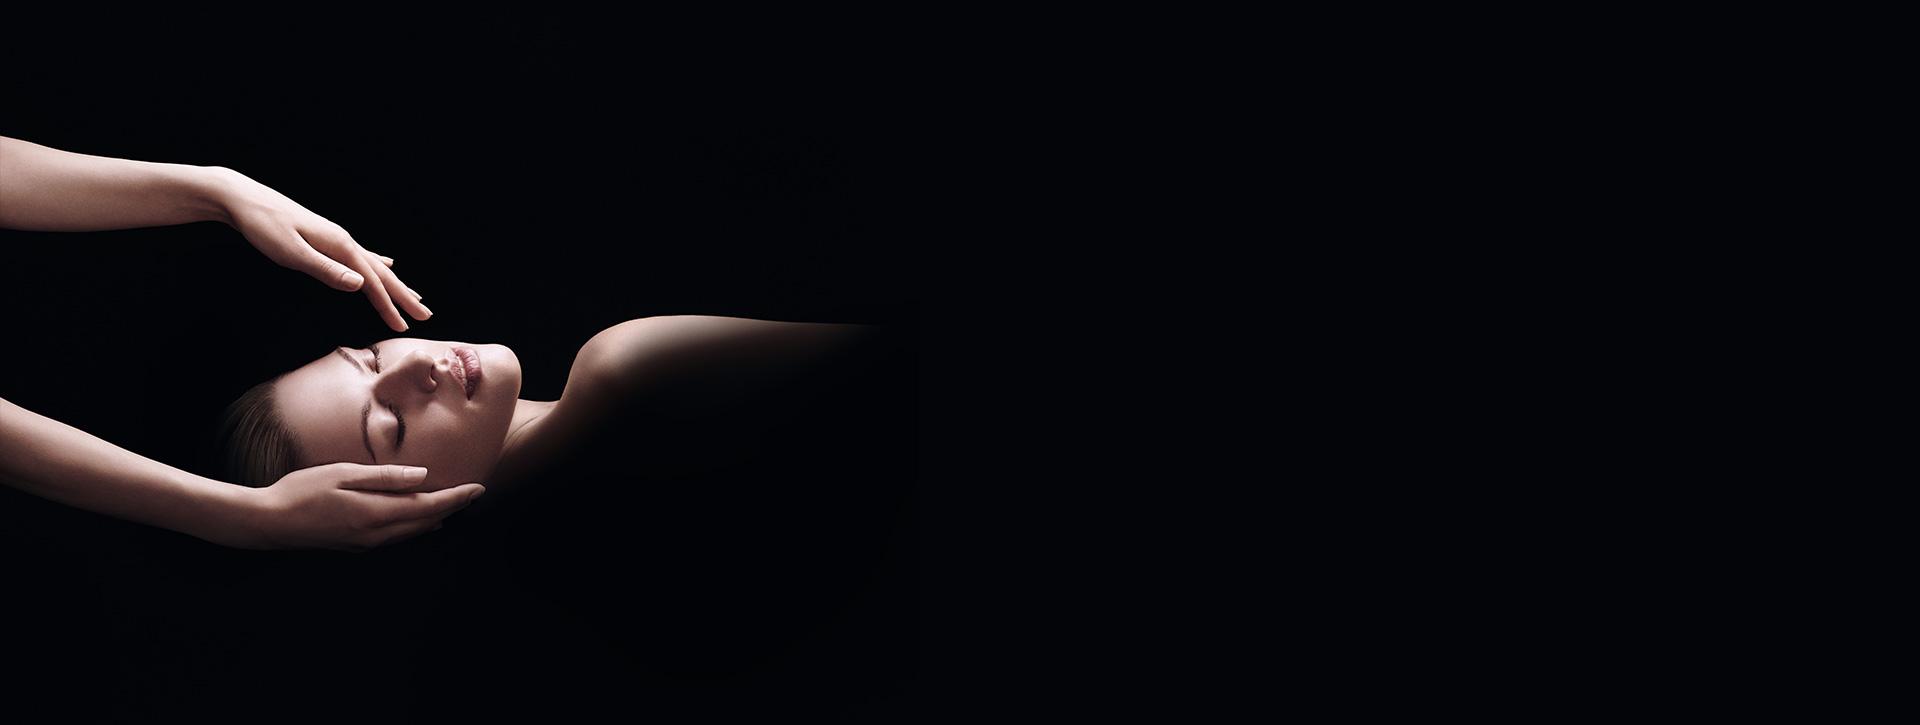 babor-ott-slide-reversive